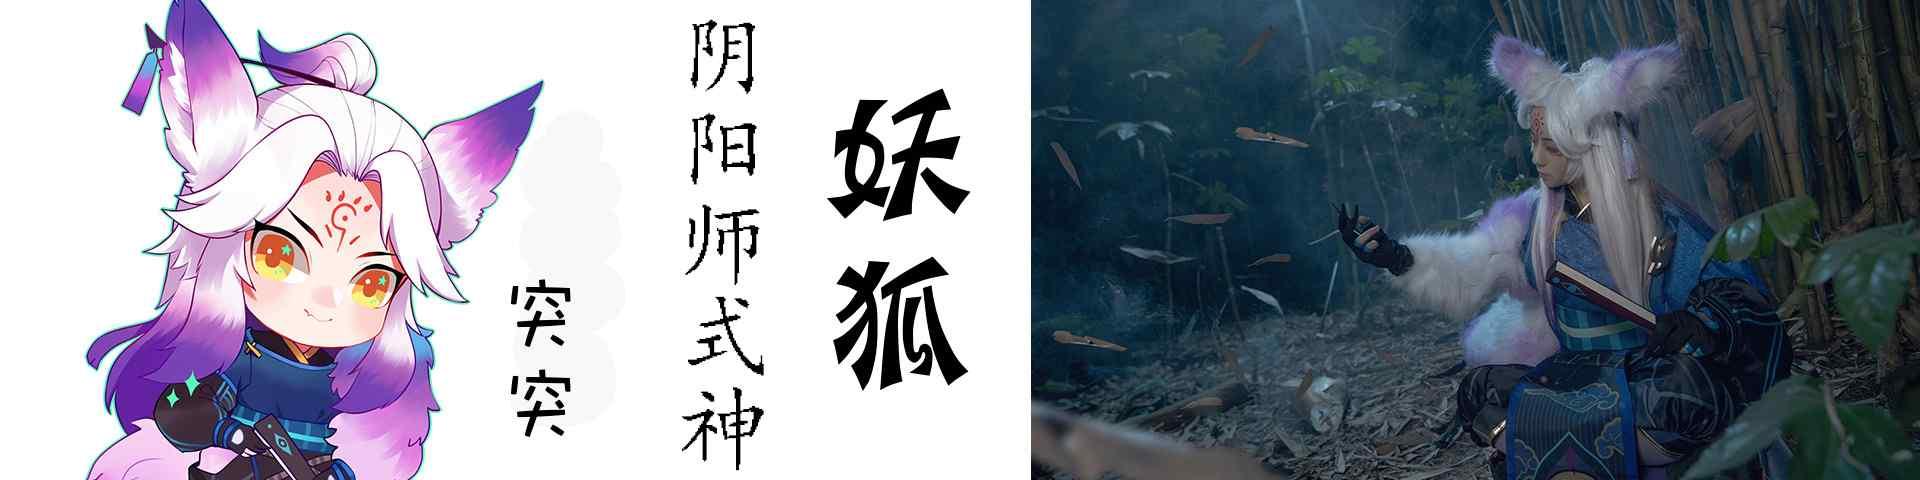 阴阳师妖狐_阴阳师手游、阴阳师式神_妖狐图片_妖狐cosplay图_阴阳师游戏壁纸